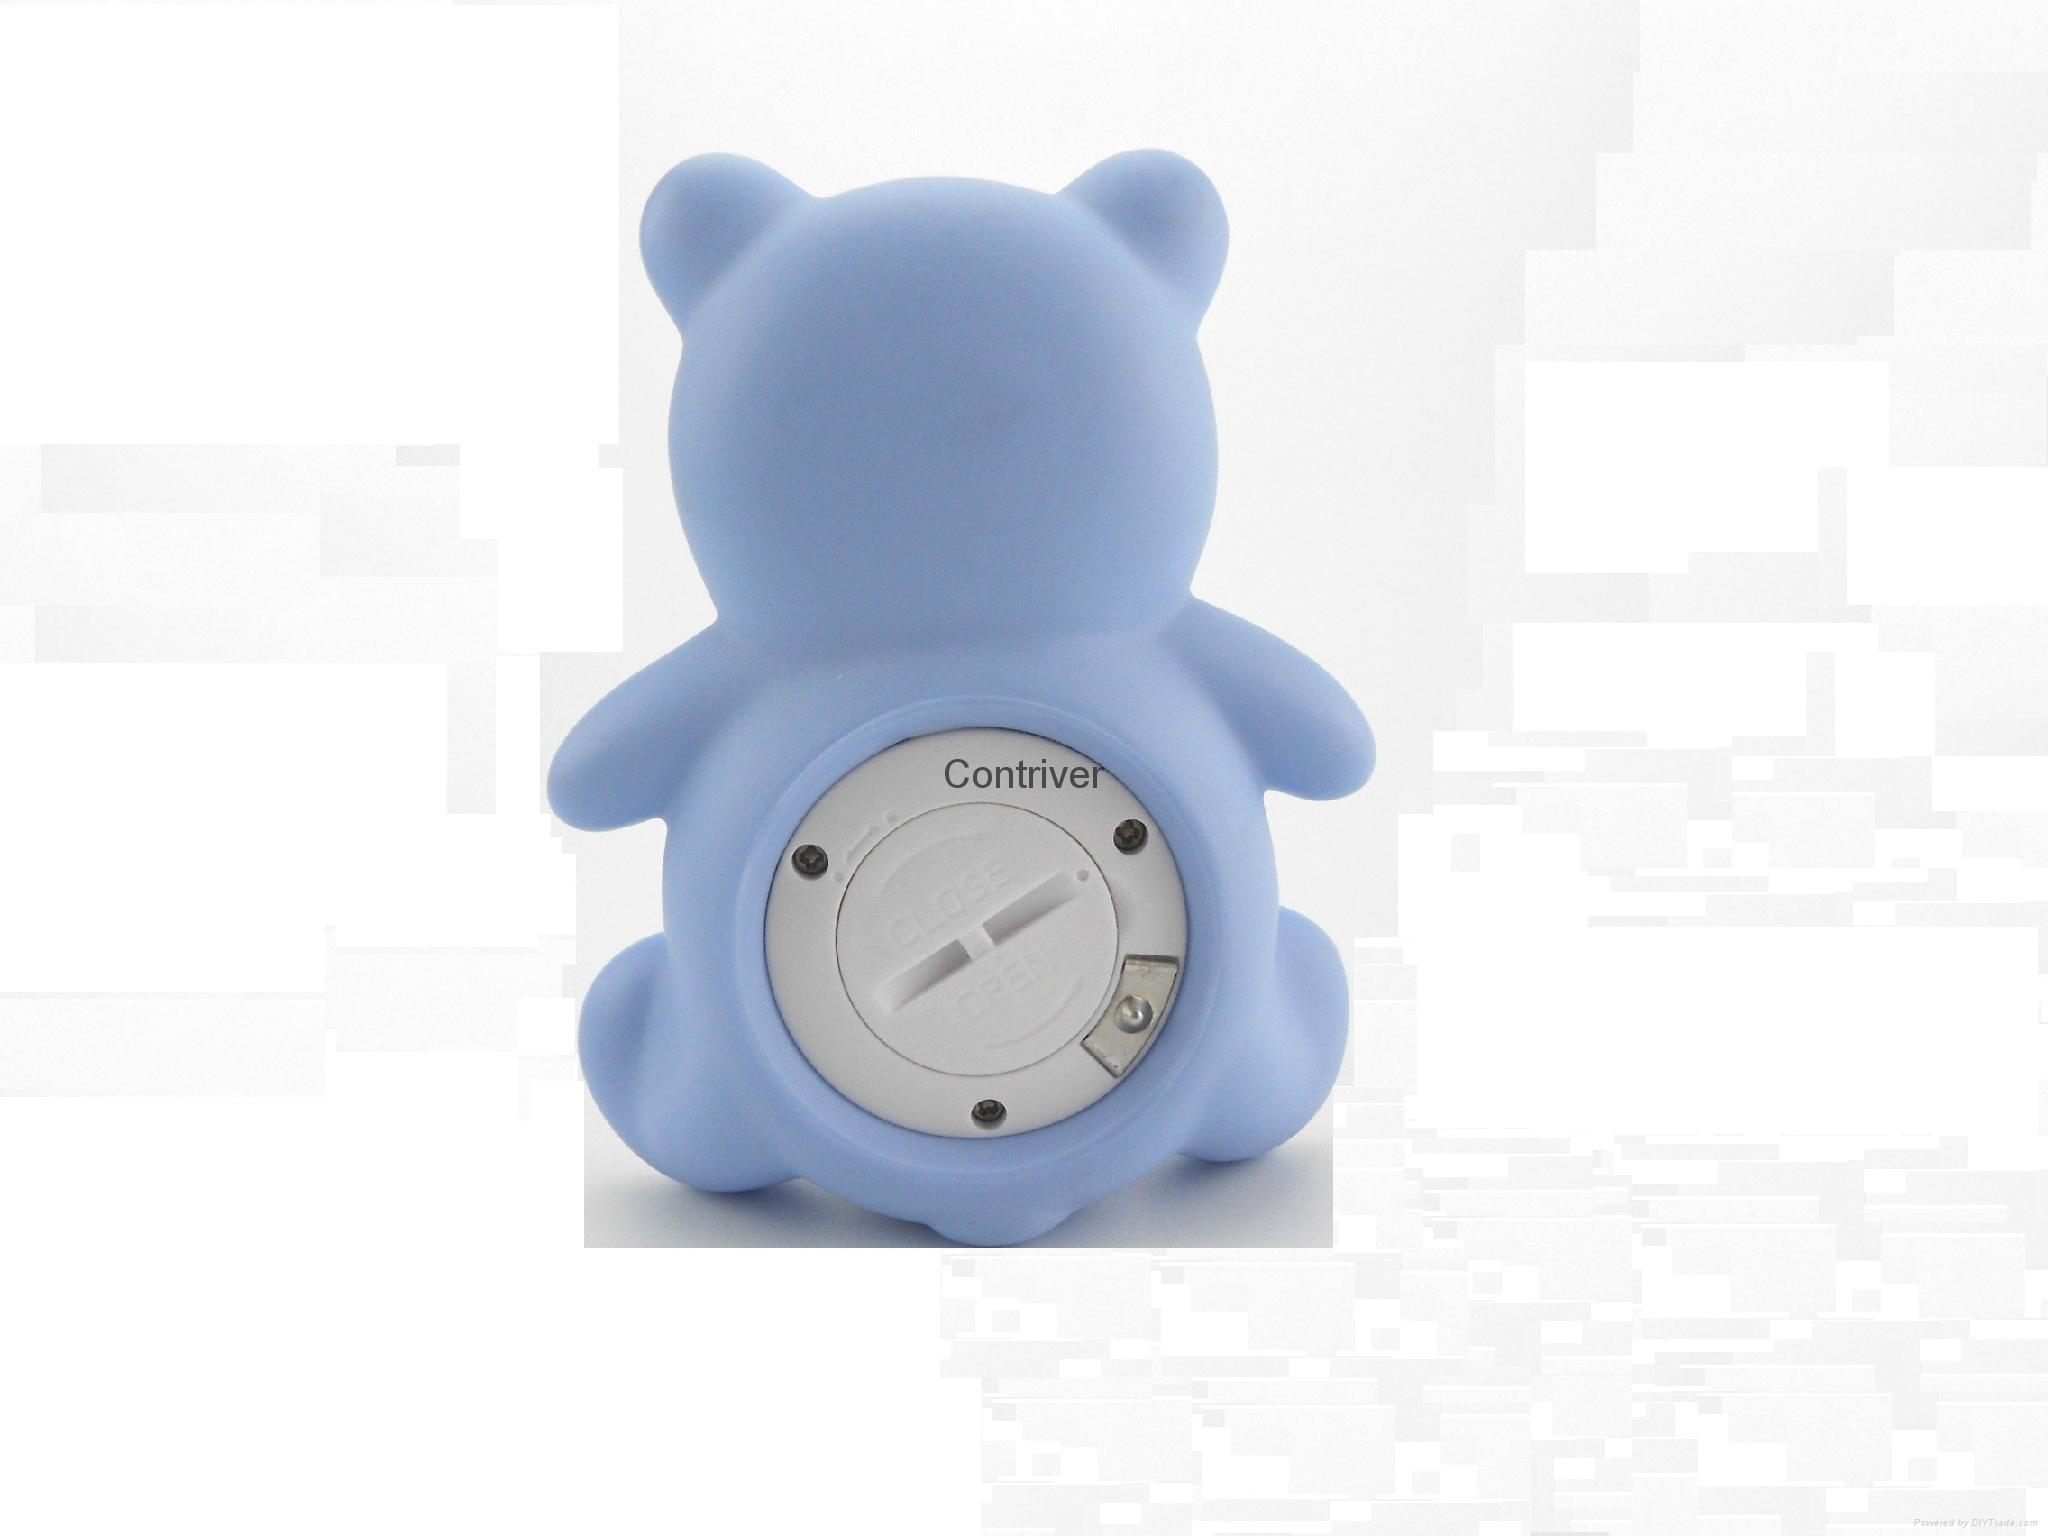 小熊浴缸室内两用温度计 3